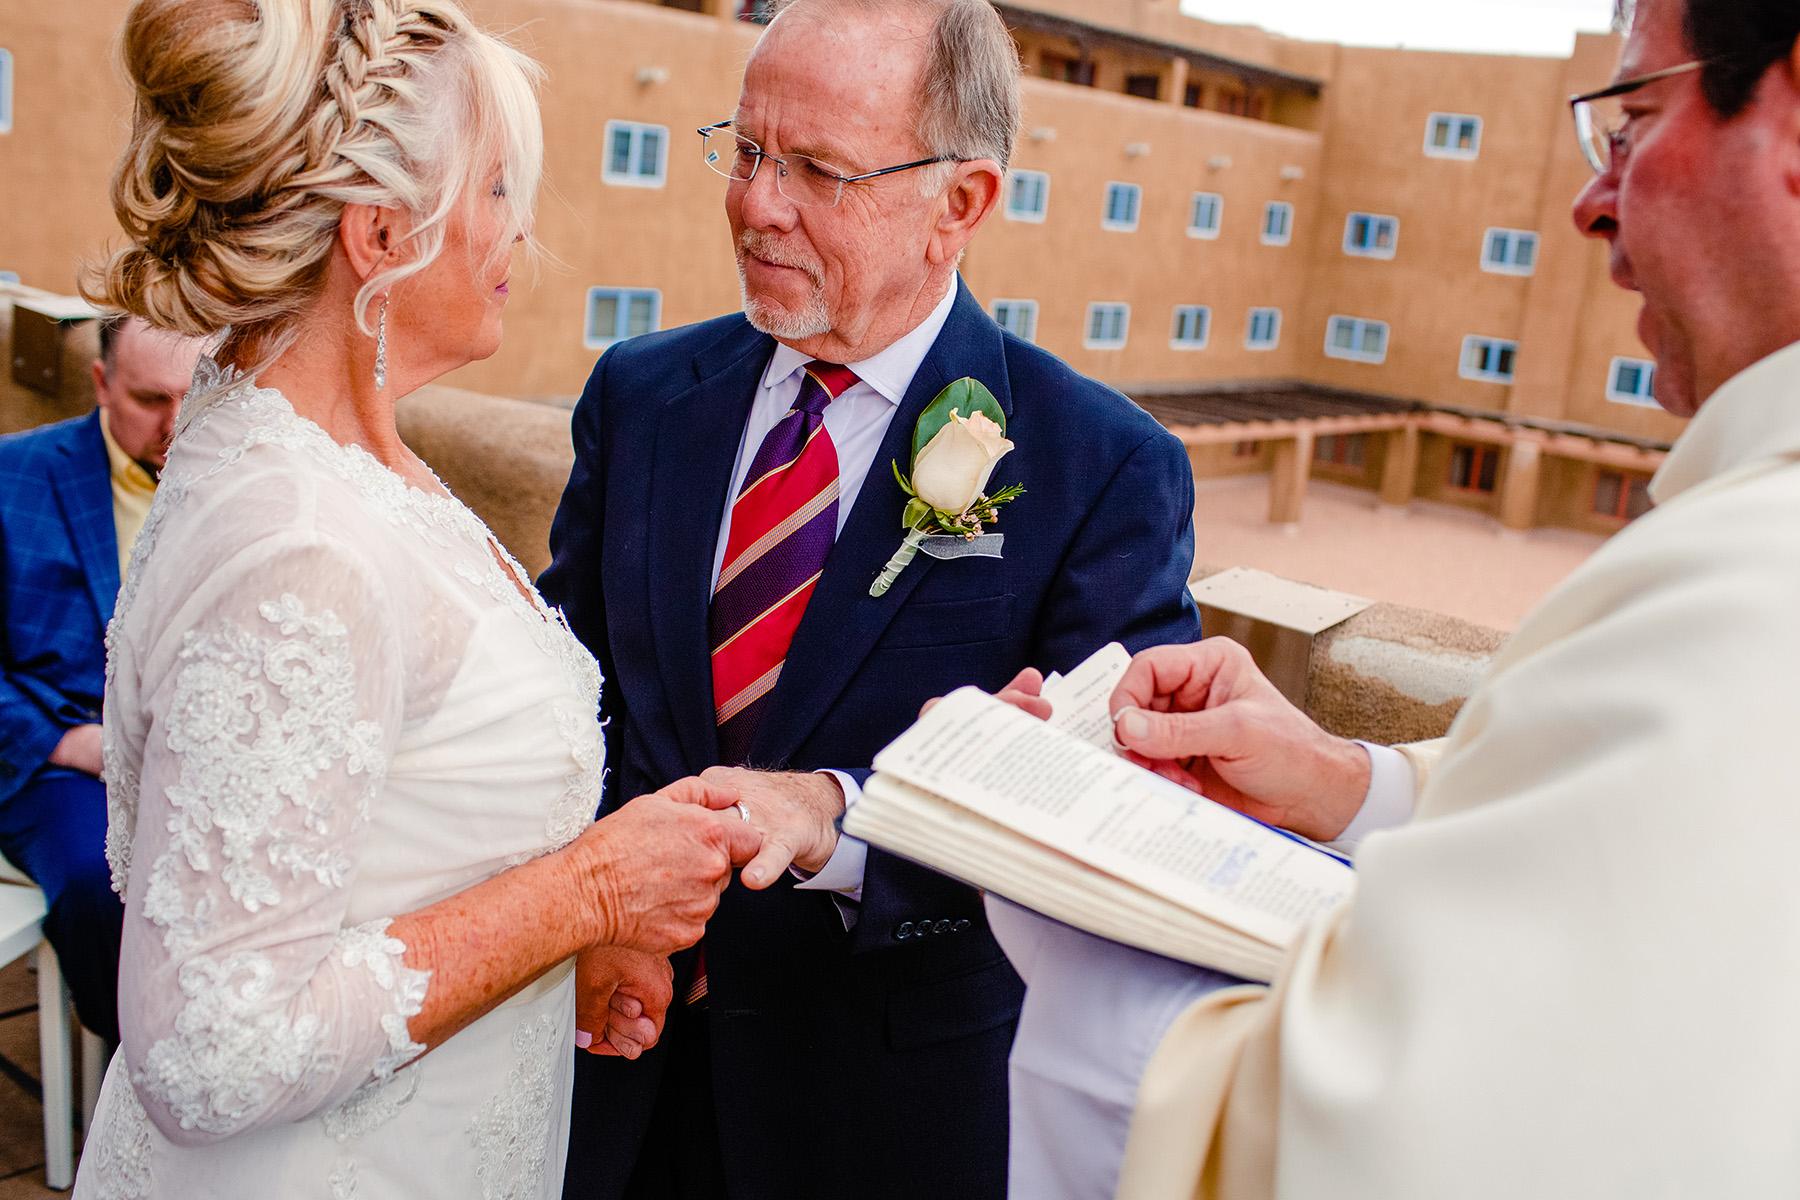 Debbie-Ron-wedding-eldorado-hotel-santa-fe-1009